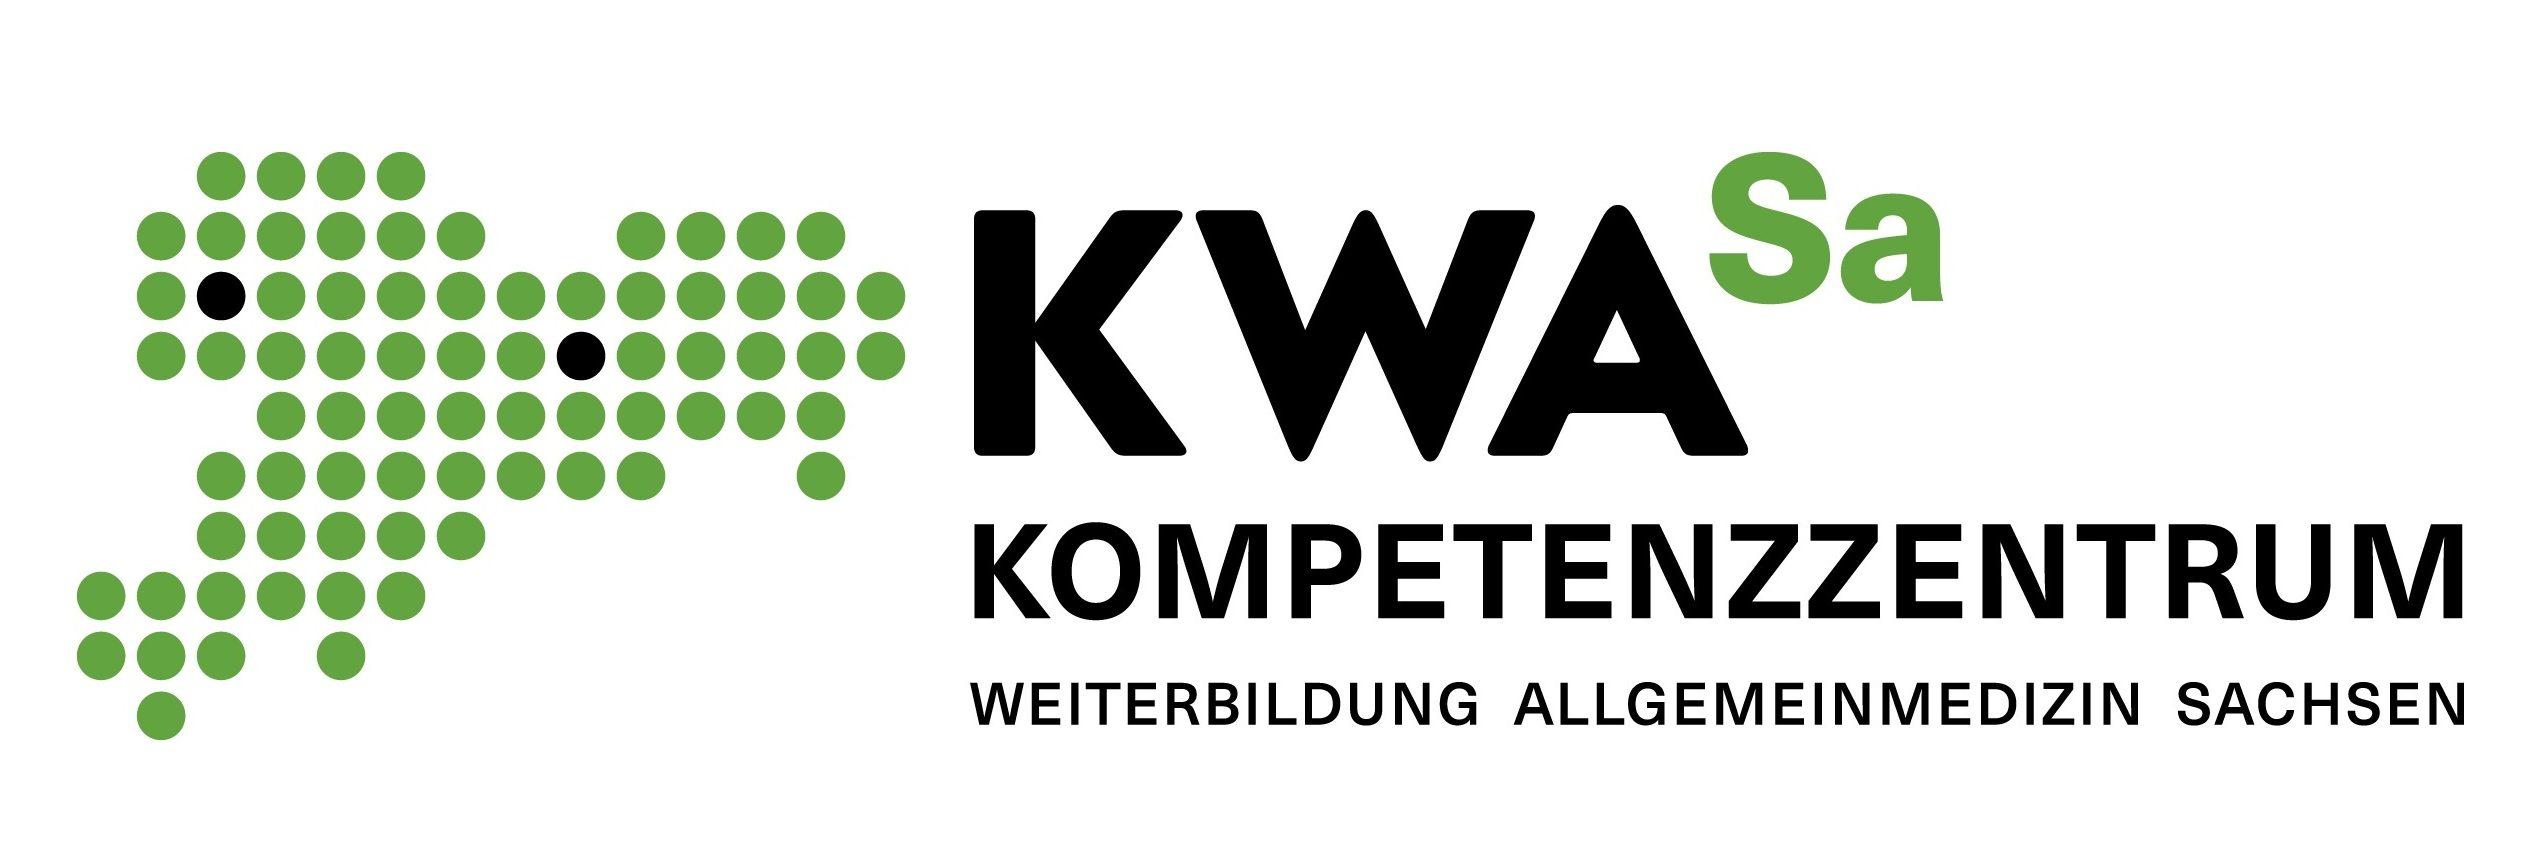 Kompetenzzentrum Weiterbildung Allgemeinmedizin Sachsen